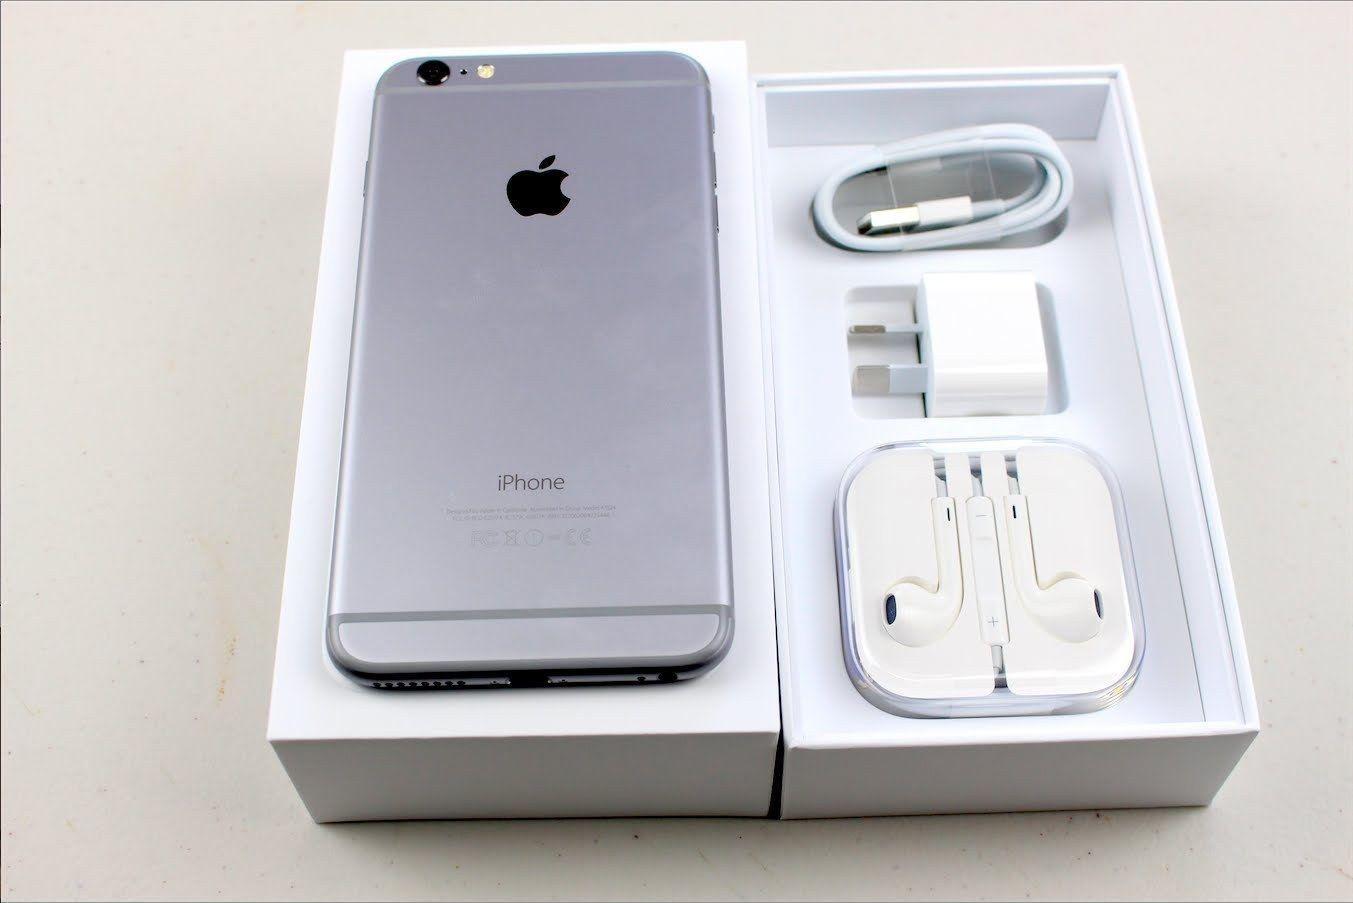 iphone #apple #ios New in Box Apple Iphone 6 Plus 16 gb Grey For Verizon  369.99 Item specifics Condit… | Iphone, Apple iphone, Apple iphone 6